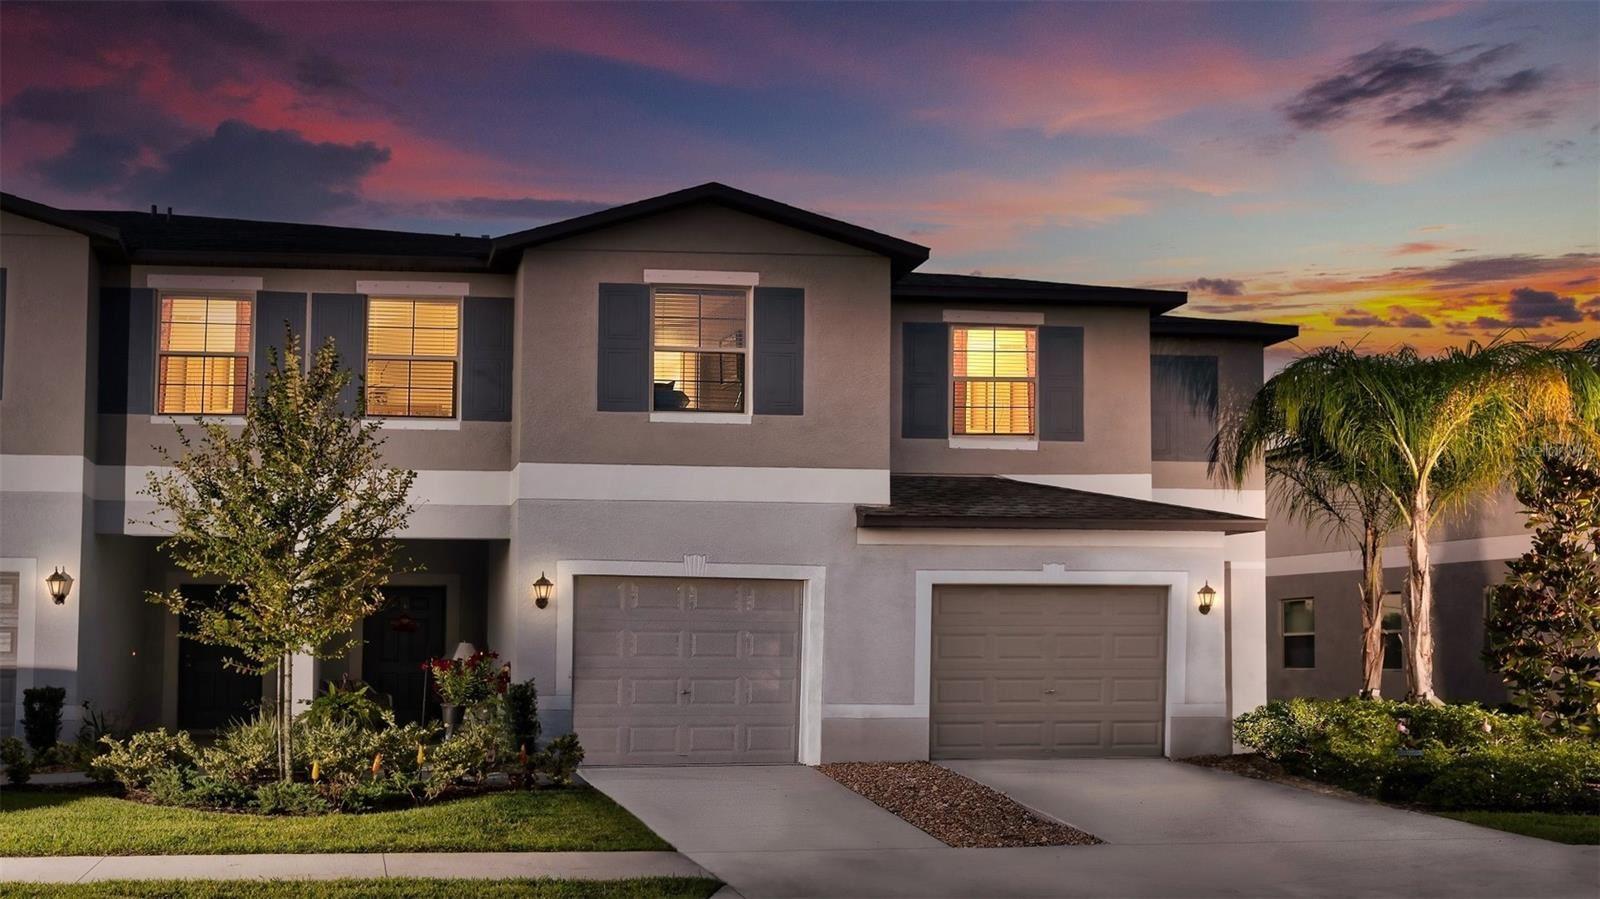 4453 GLOBE THISTLE DRIVE, Tampa, FL 33619 - MLS#: T3327864